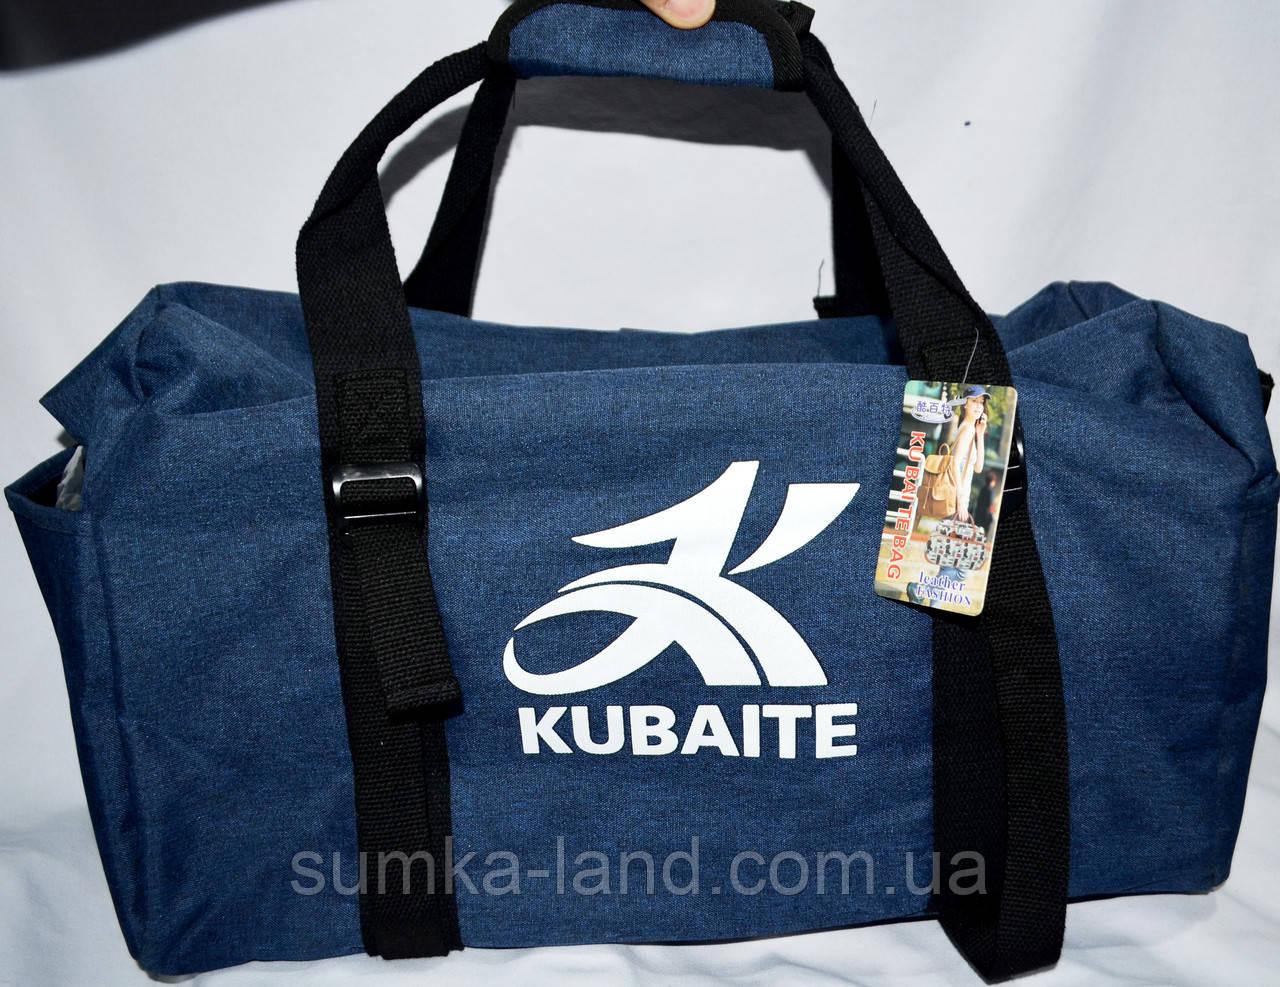 Дорожная и городская синяя сумка с разъемом USB 47*26 см